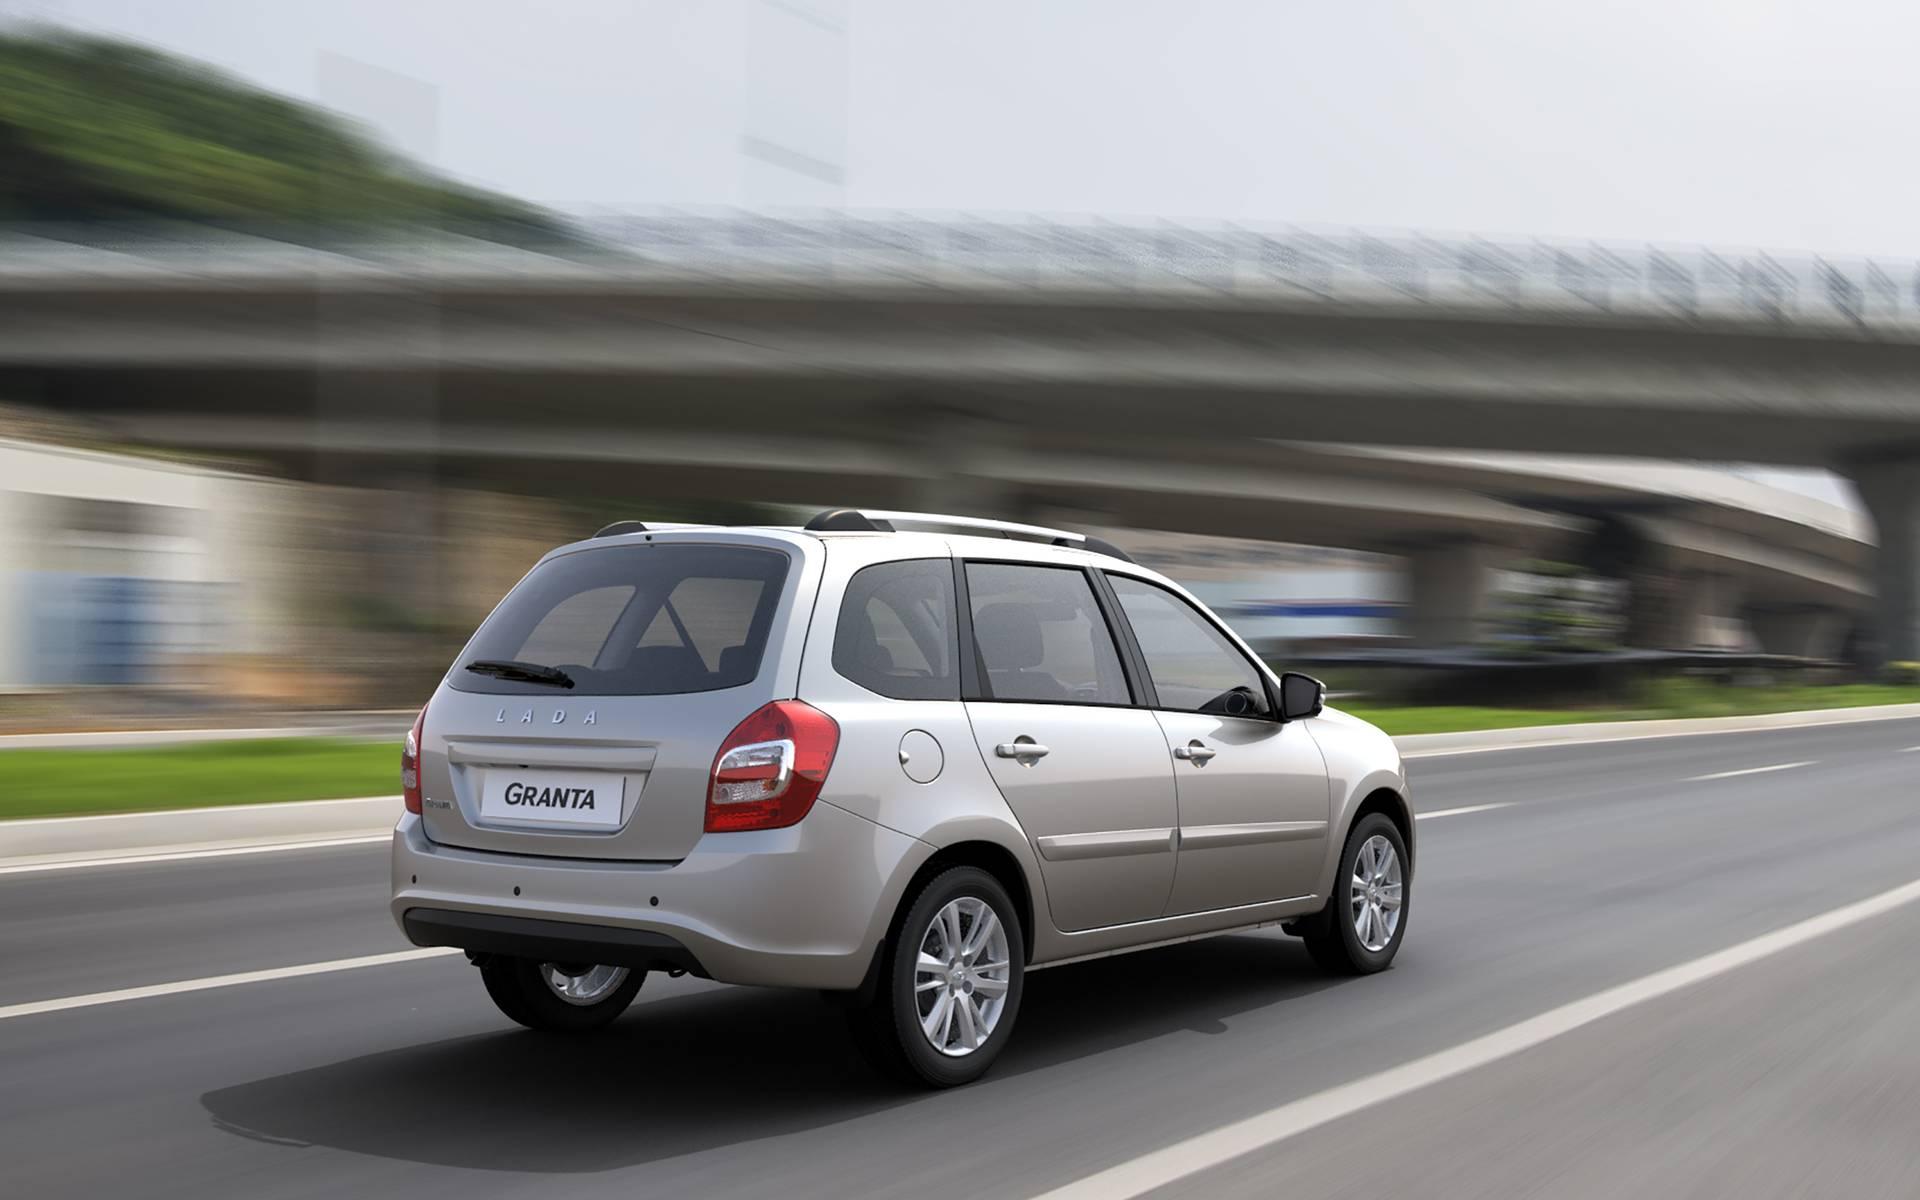 В Севастополе лучший специалист получит автомобиль в день города